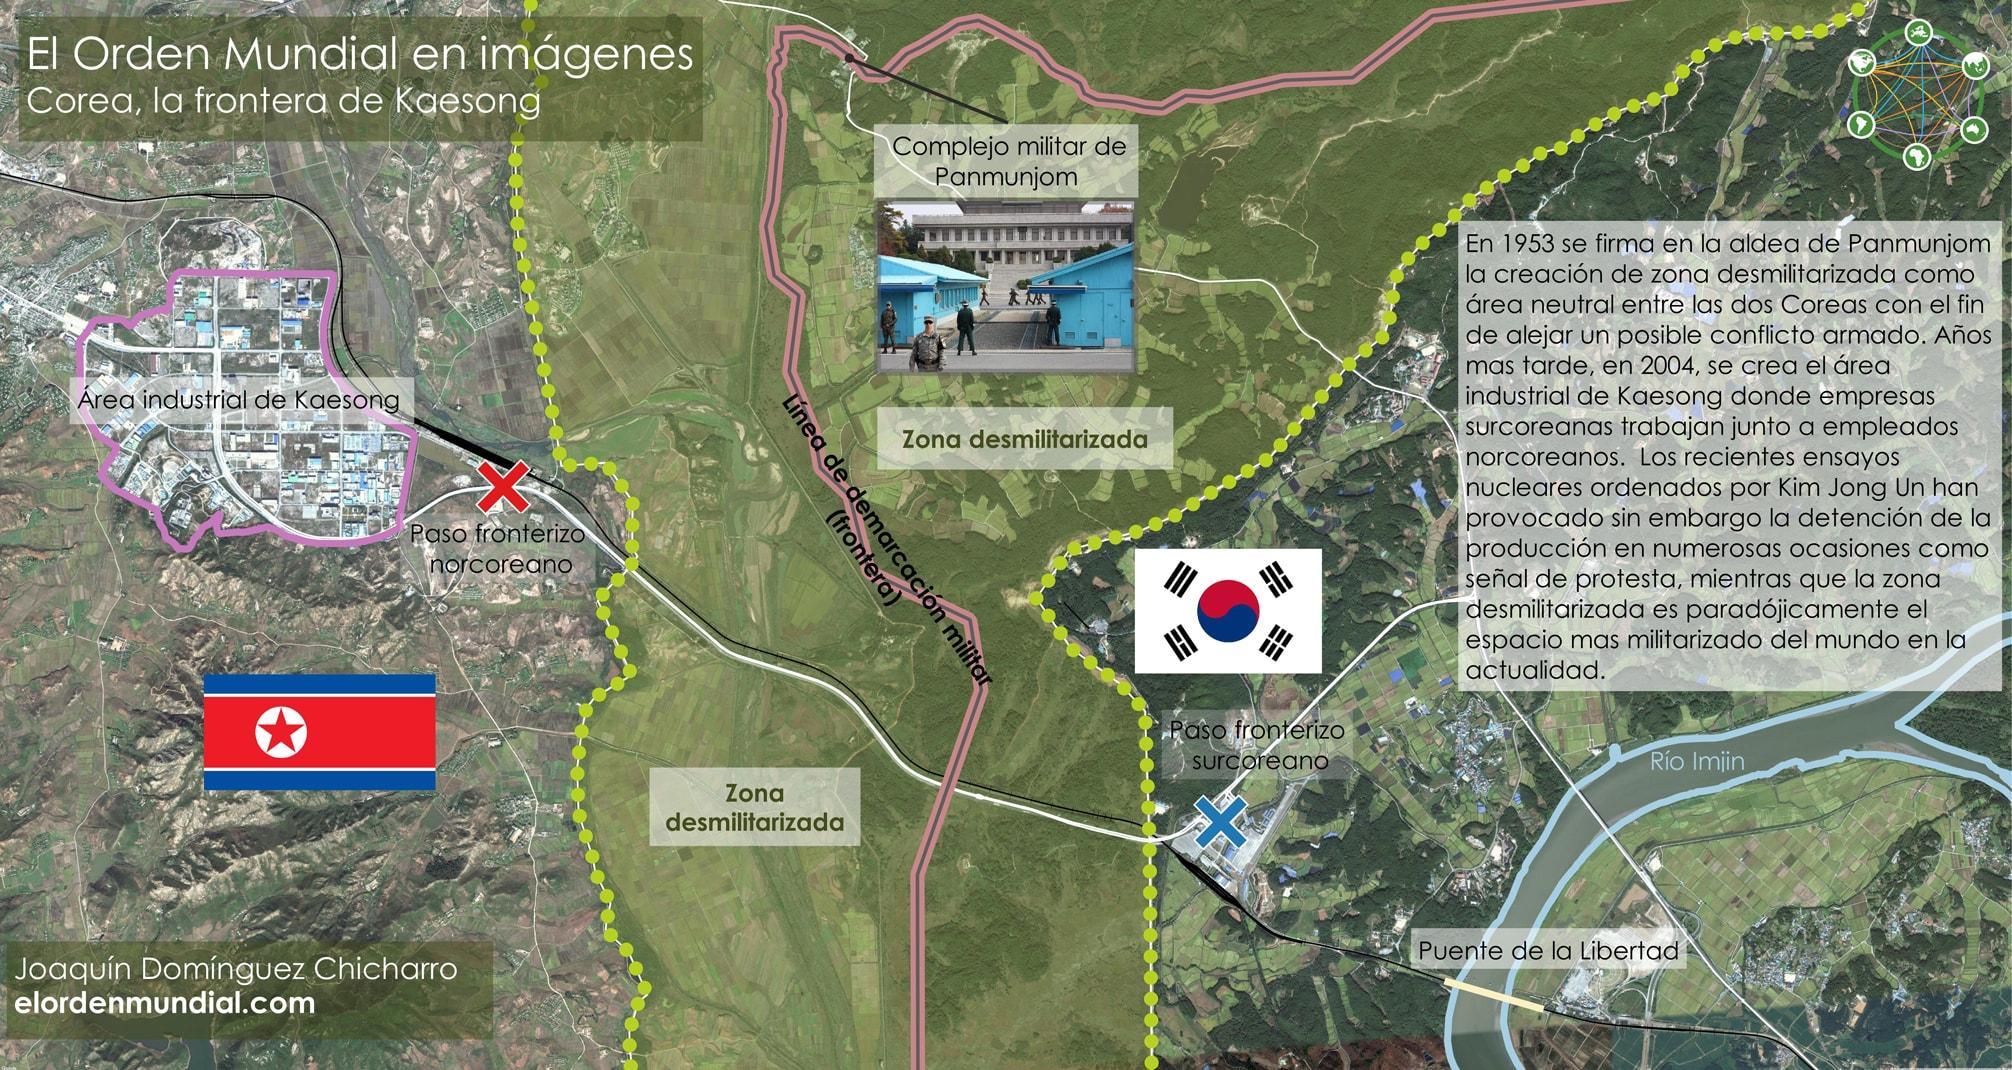 Imagen Corea Frontera Zona Desmilitarizada Kaesong